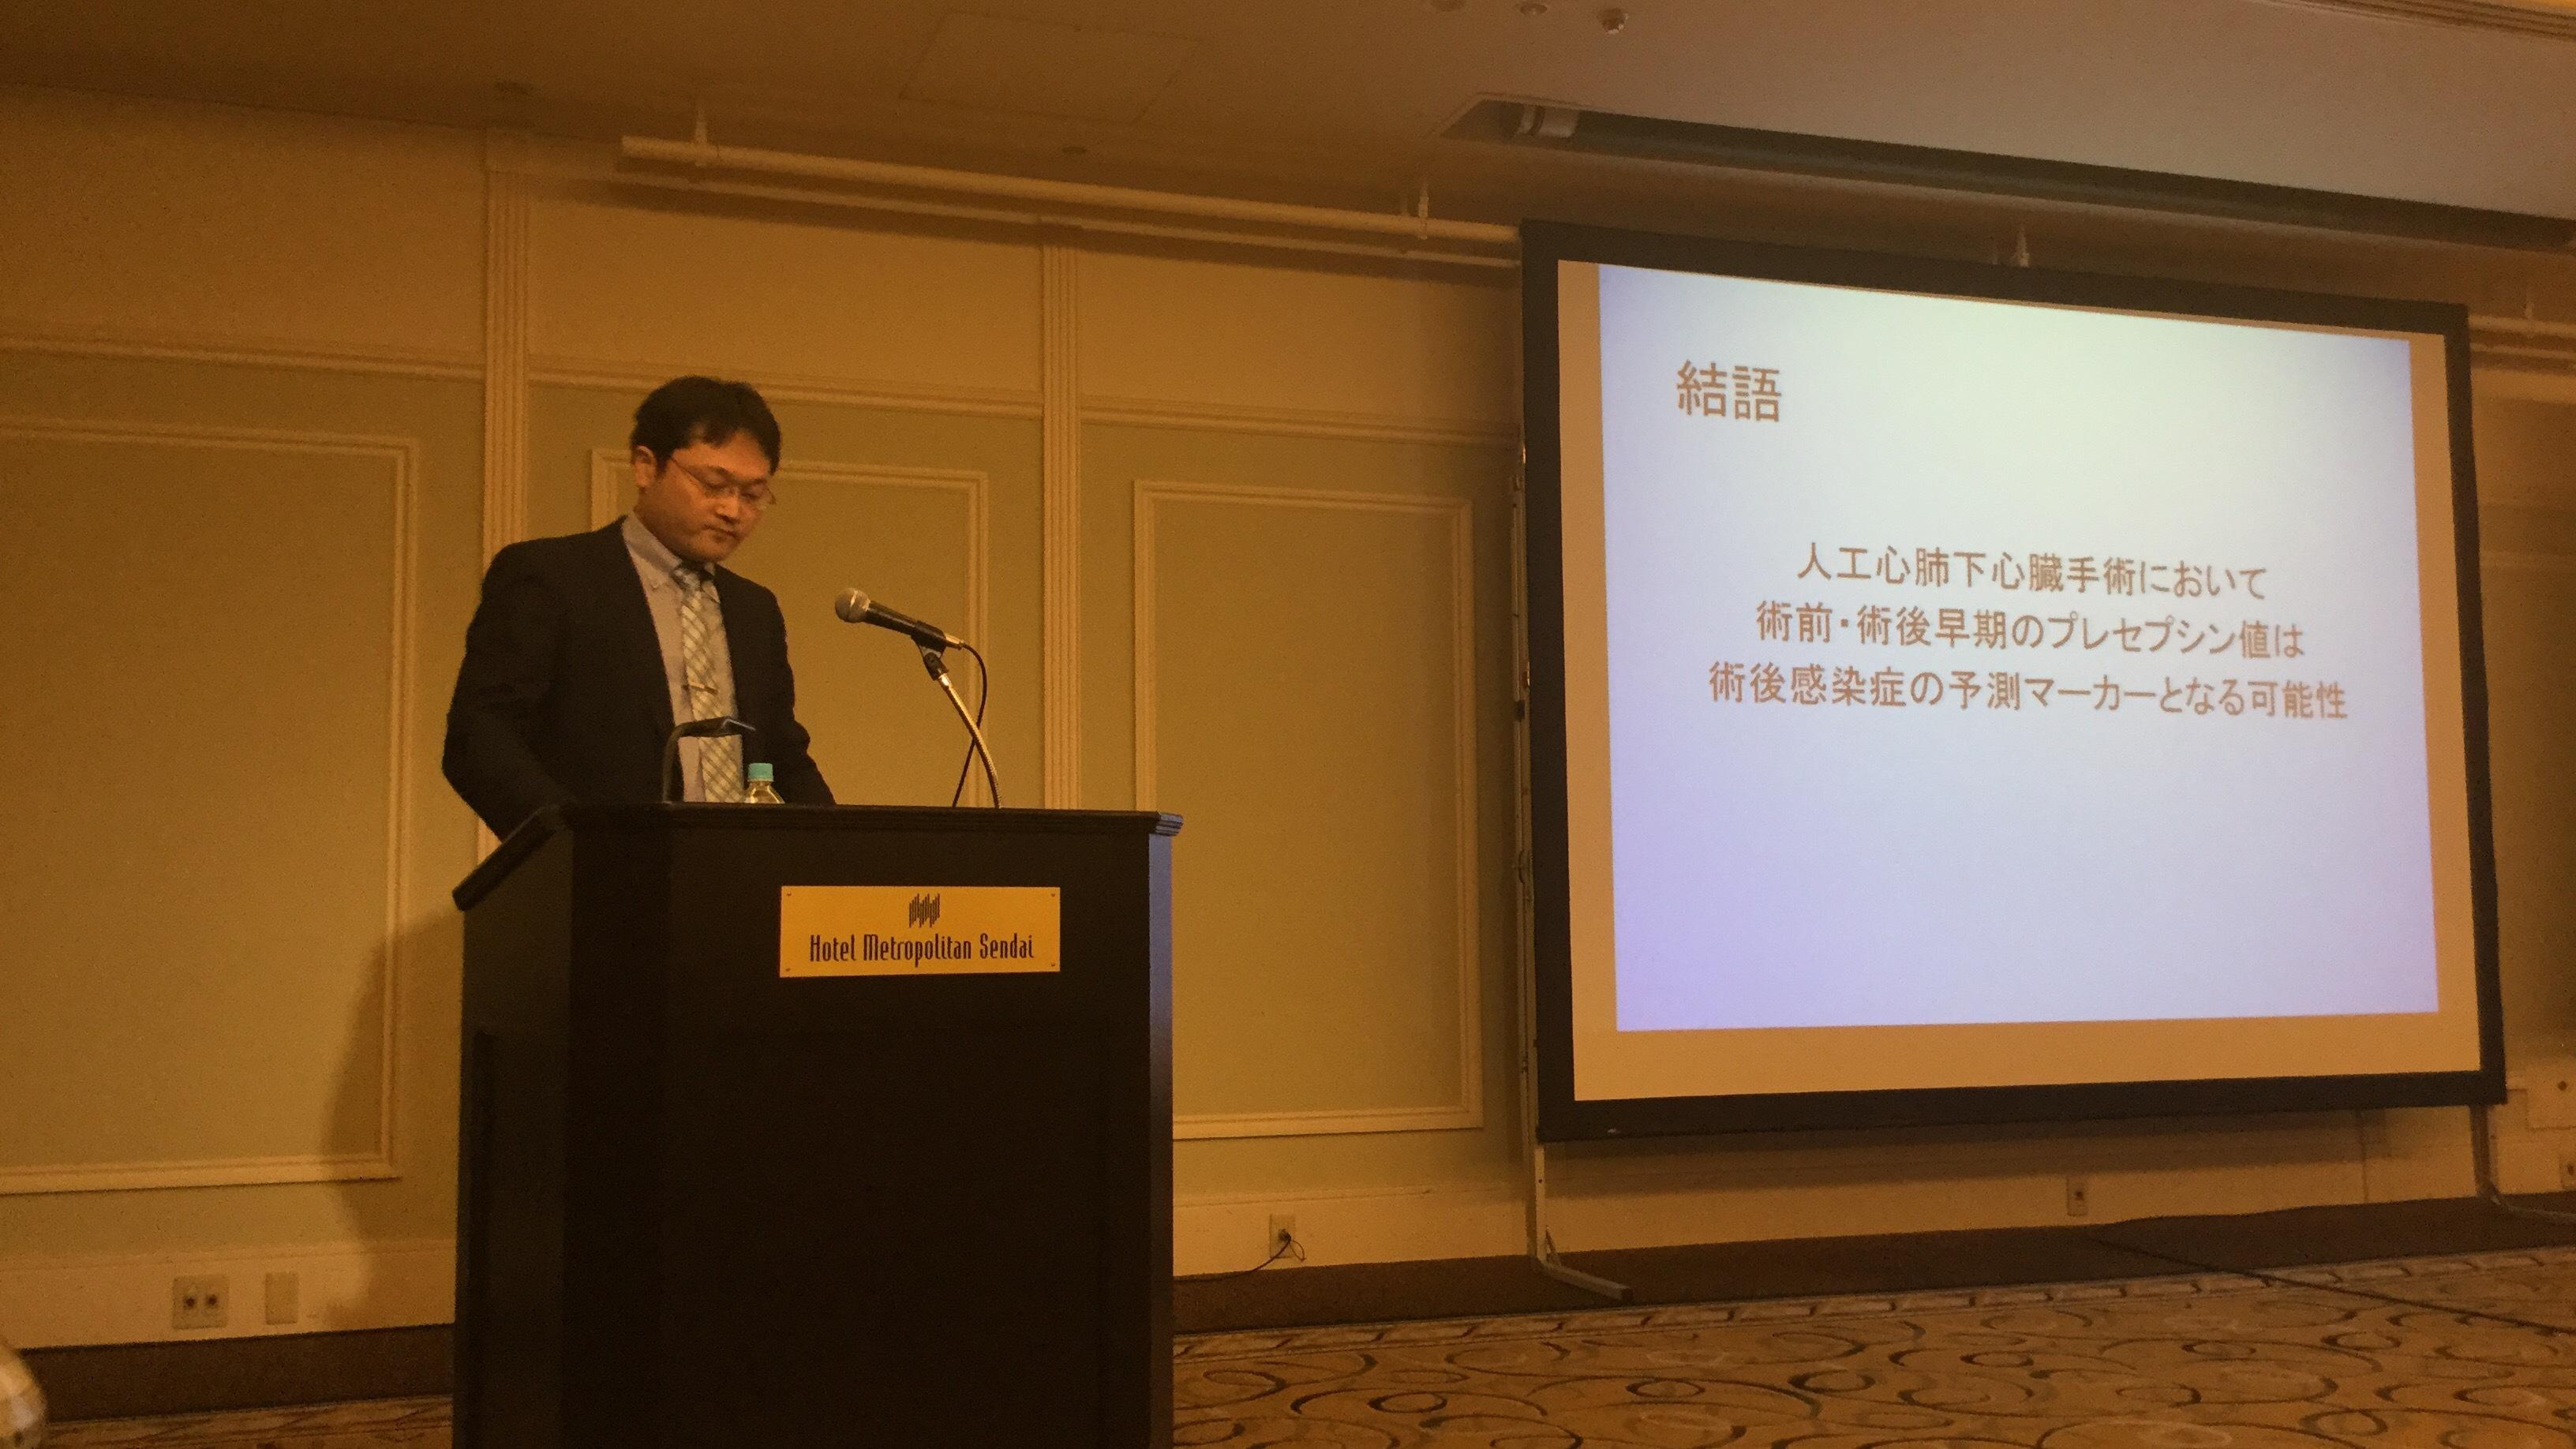 鈴木先生セプシスセミナー講演